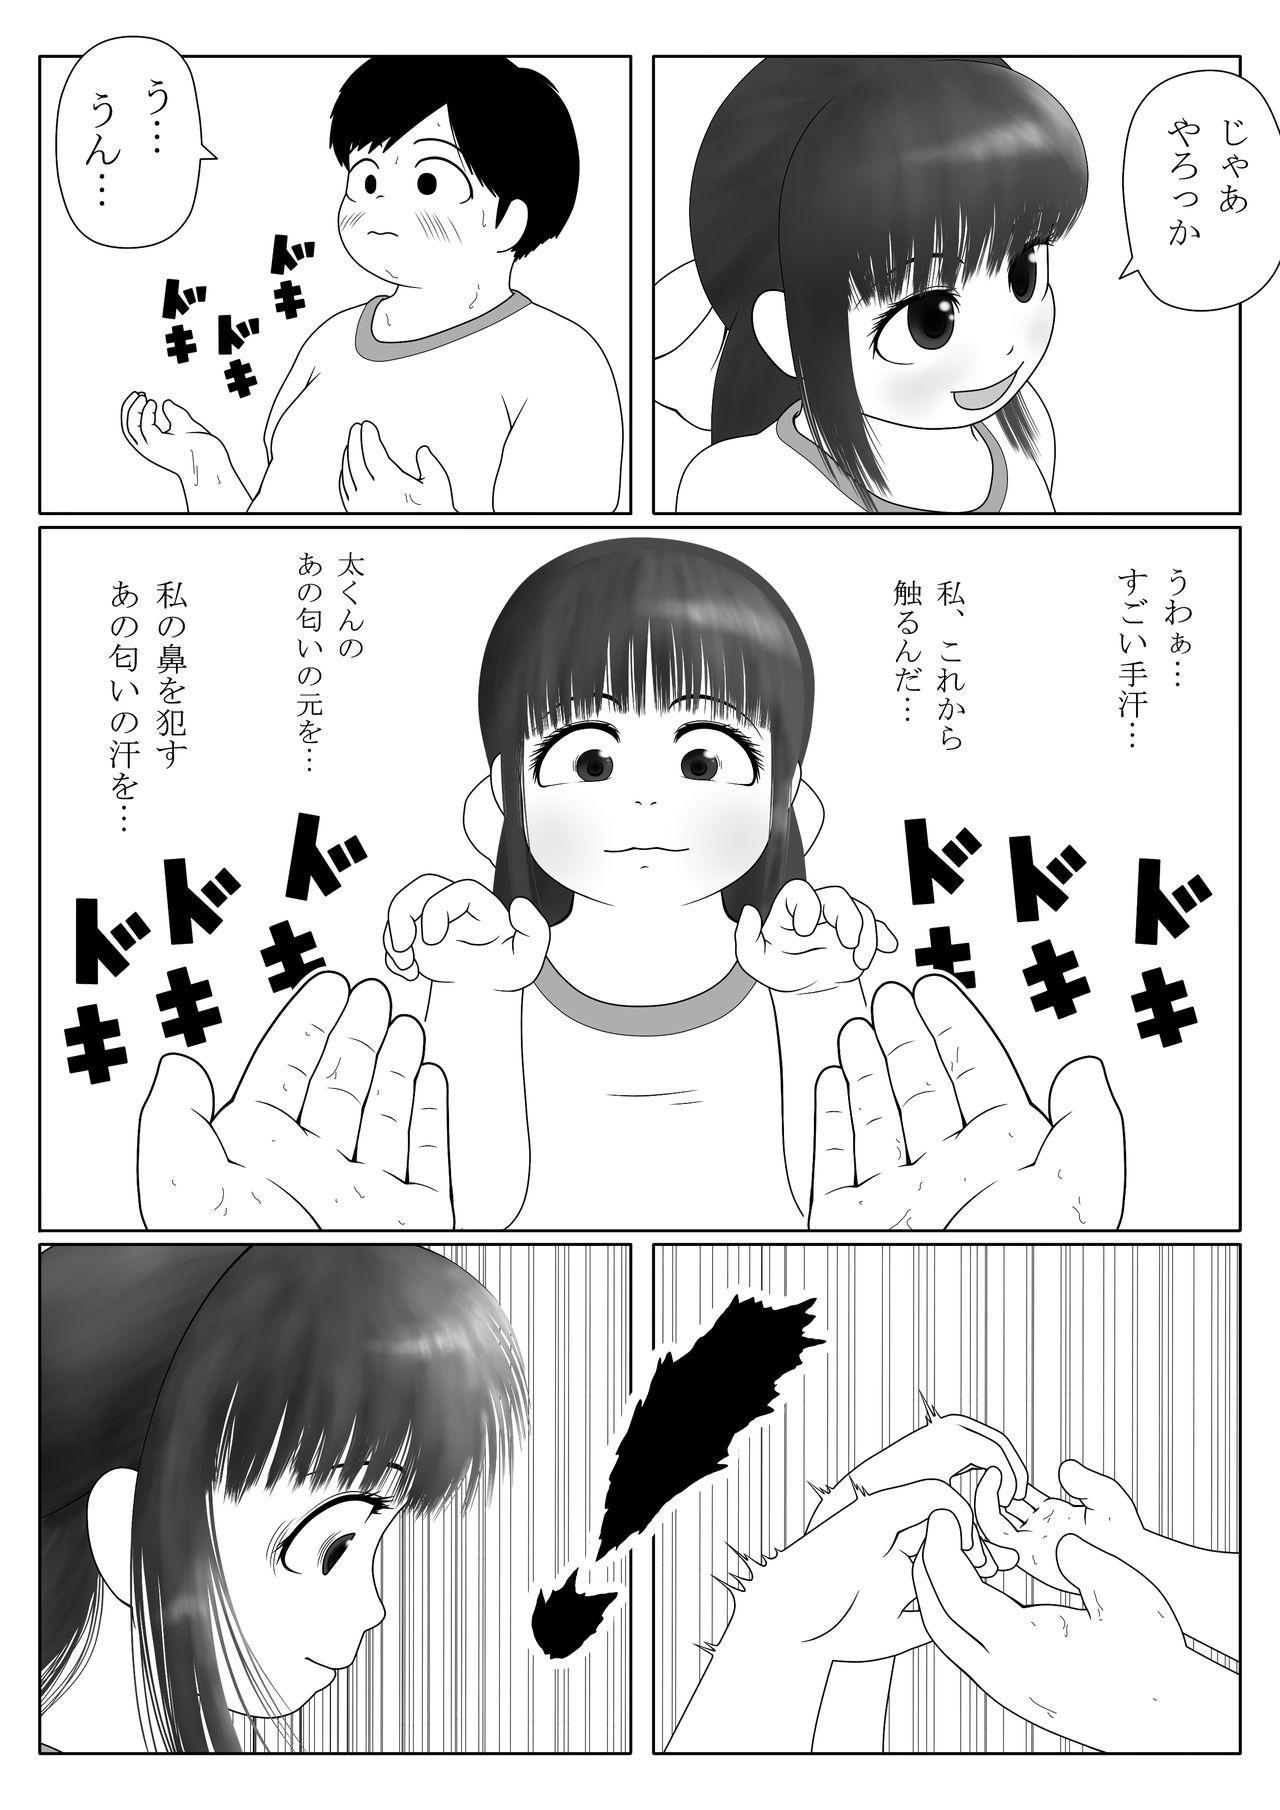 Hentai-tachi no Seishun 9